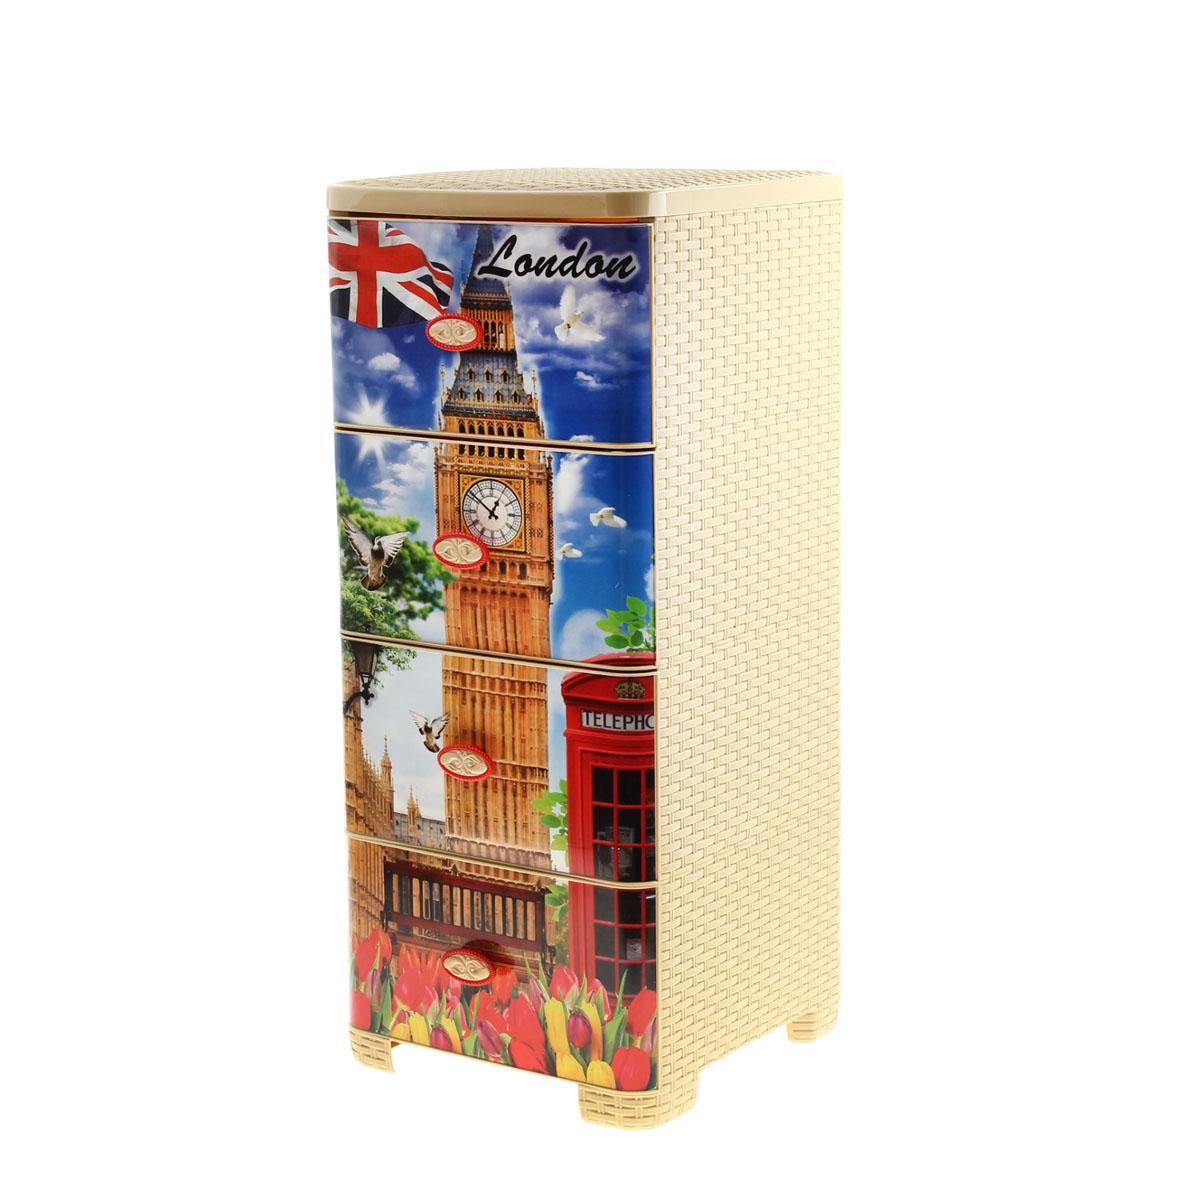 Комод плетеный Альтернатива Лондон, 36 см х 37,5 см х 80 см984575Комод Альтернатива Лондон изготовлен из высококачественного экологически безопасного полипропилена. Он предназначен для хранения вещей, детских игрушек, хозяйственных принадлежностей и прочих предметов. Комод состоит из четырех вместительных выдвижных ящиков с ручками и оснащен четырьмя ножками.Комод Альтернатива Лондон надежно защитит ваши вещи от загрязнений, пыли и моли, а также позволит вам хранить их компактно и с удобством. Размер ящика: 37 см х 30 см х 17 см.